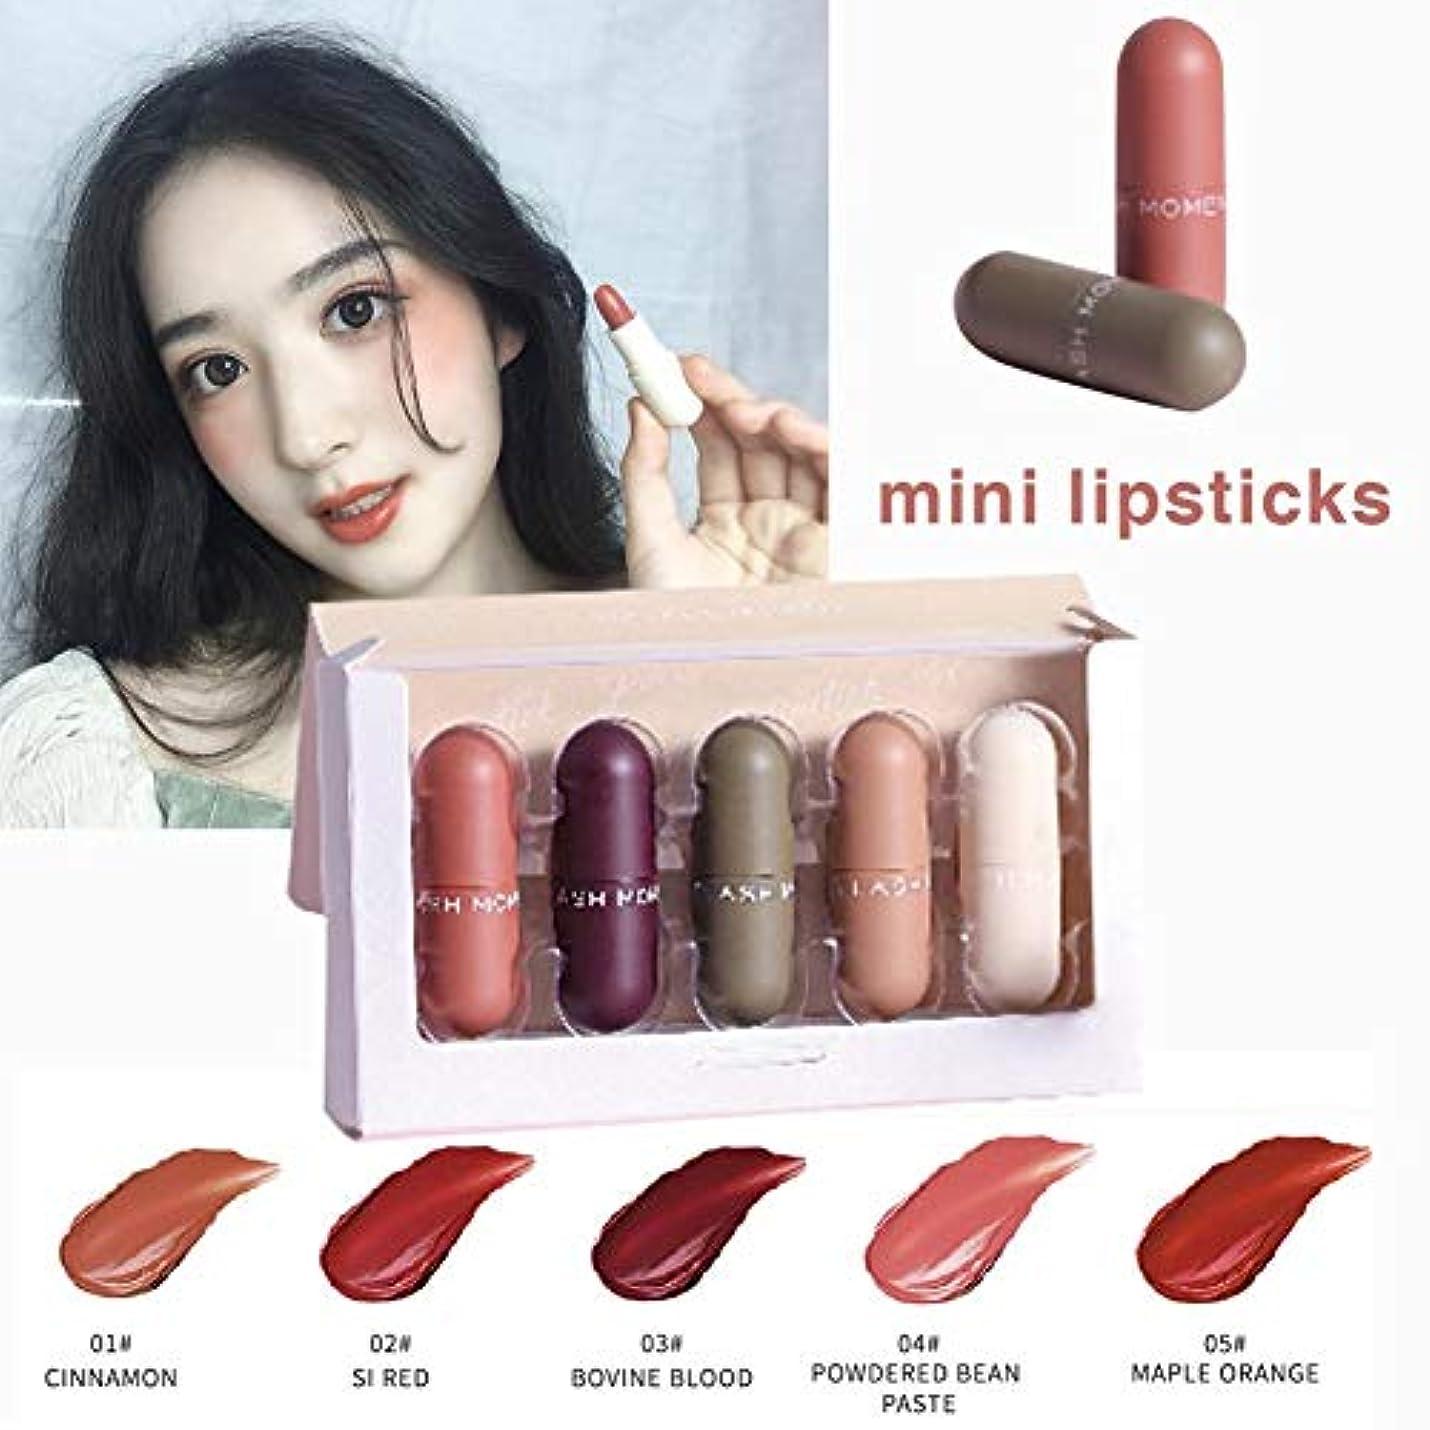 5色セット ミニカプセル リップスティック 口紅セット 長持ち色 化粧品 持ち運び便利 友人 母の日のプレゼント